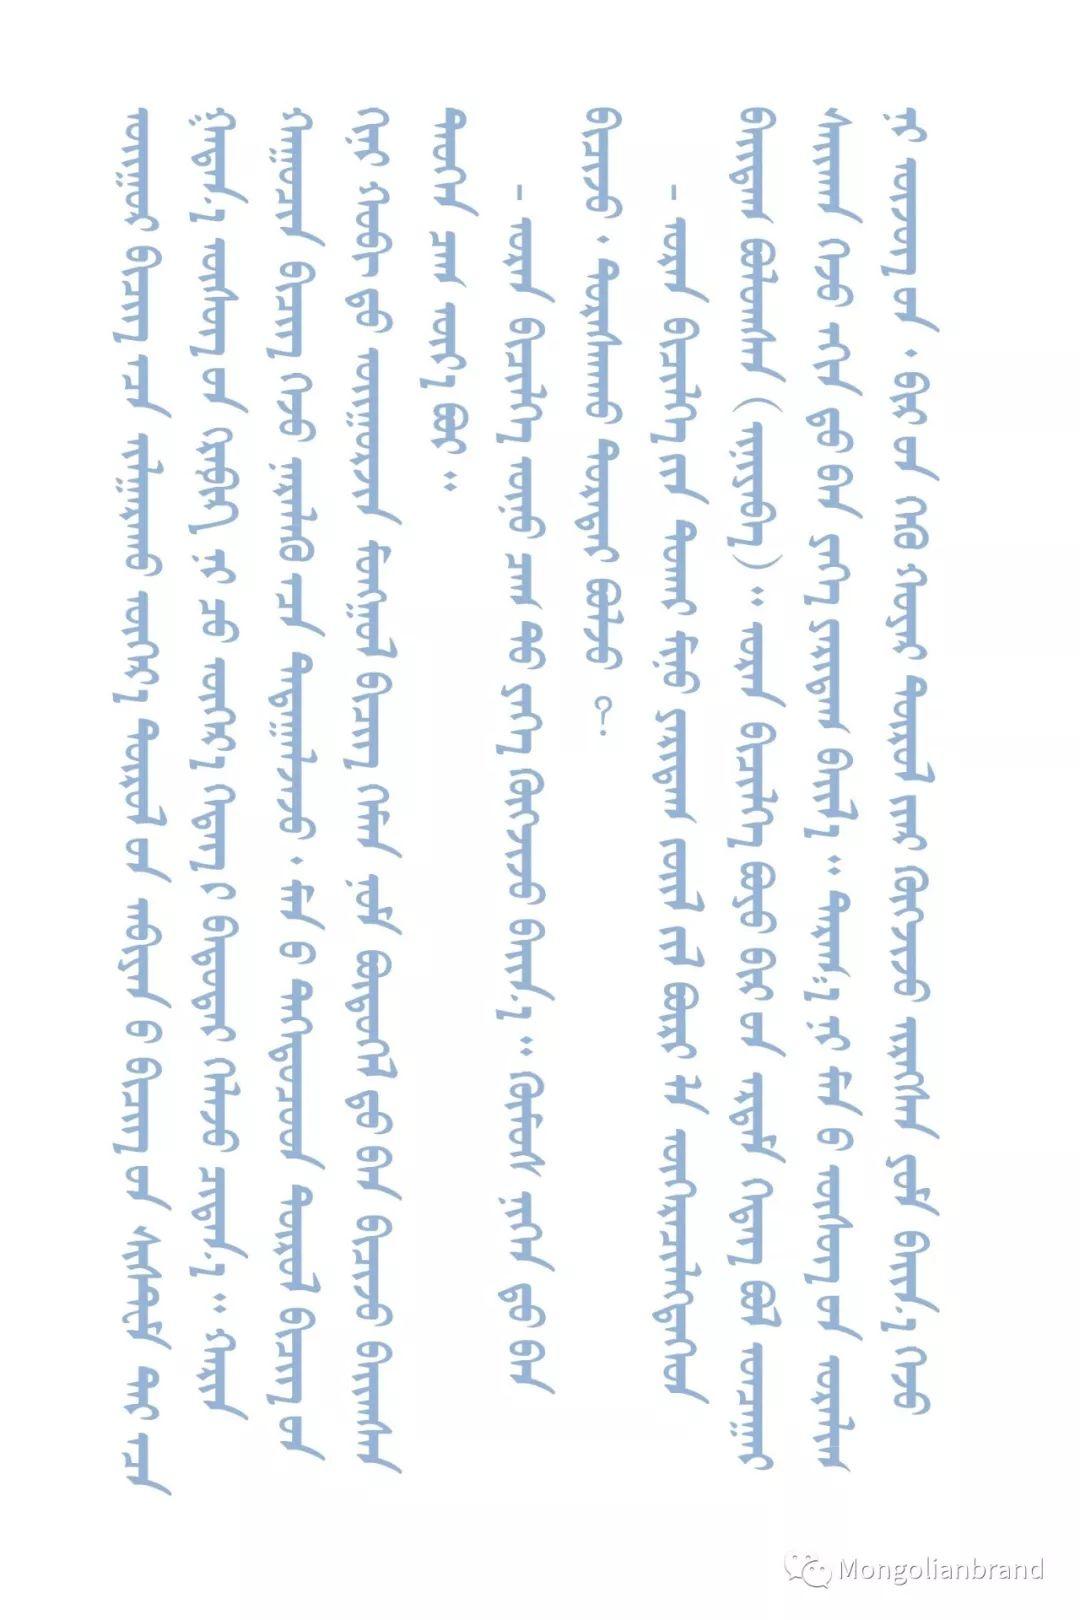 蒙古字体设计专家Jamiyansuren:让每个蒙古人掌握传统蒙古文是我们的终极目标 第21张 蒙古字体设计专家Jamiyansuren:让每个蒙古人掌握传统蒙古文是我们的终极目标 蒙古文化